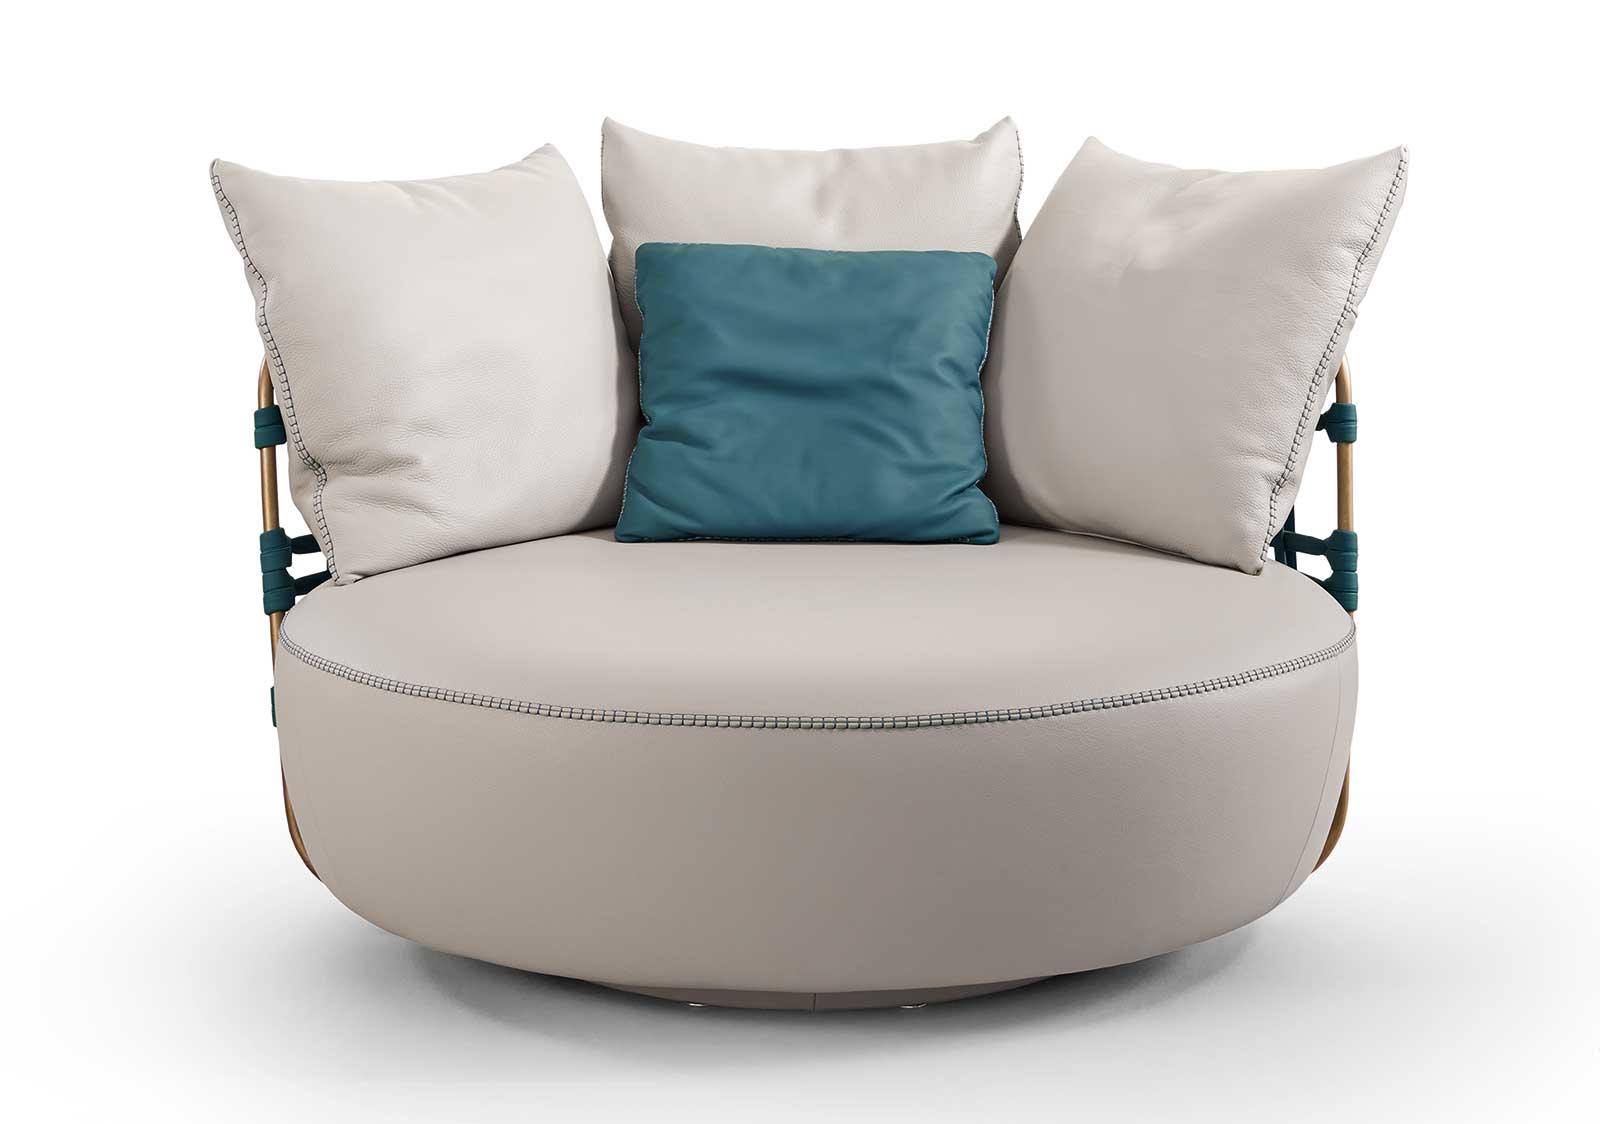 Fauteuil tournant en cuir et métal très original. Fabrication artisanale made in italy. Vente en ligne de meubles hauts de gamme design avec livraison gratuite.